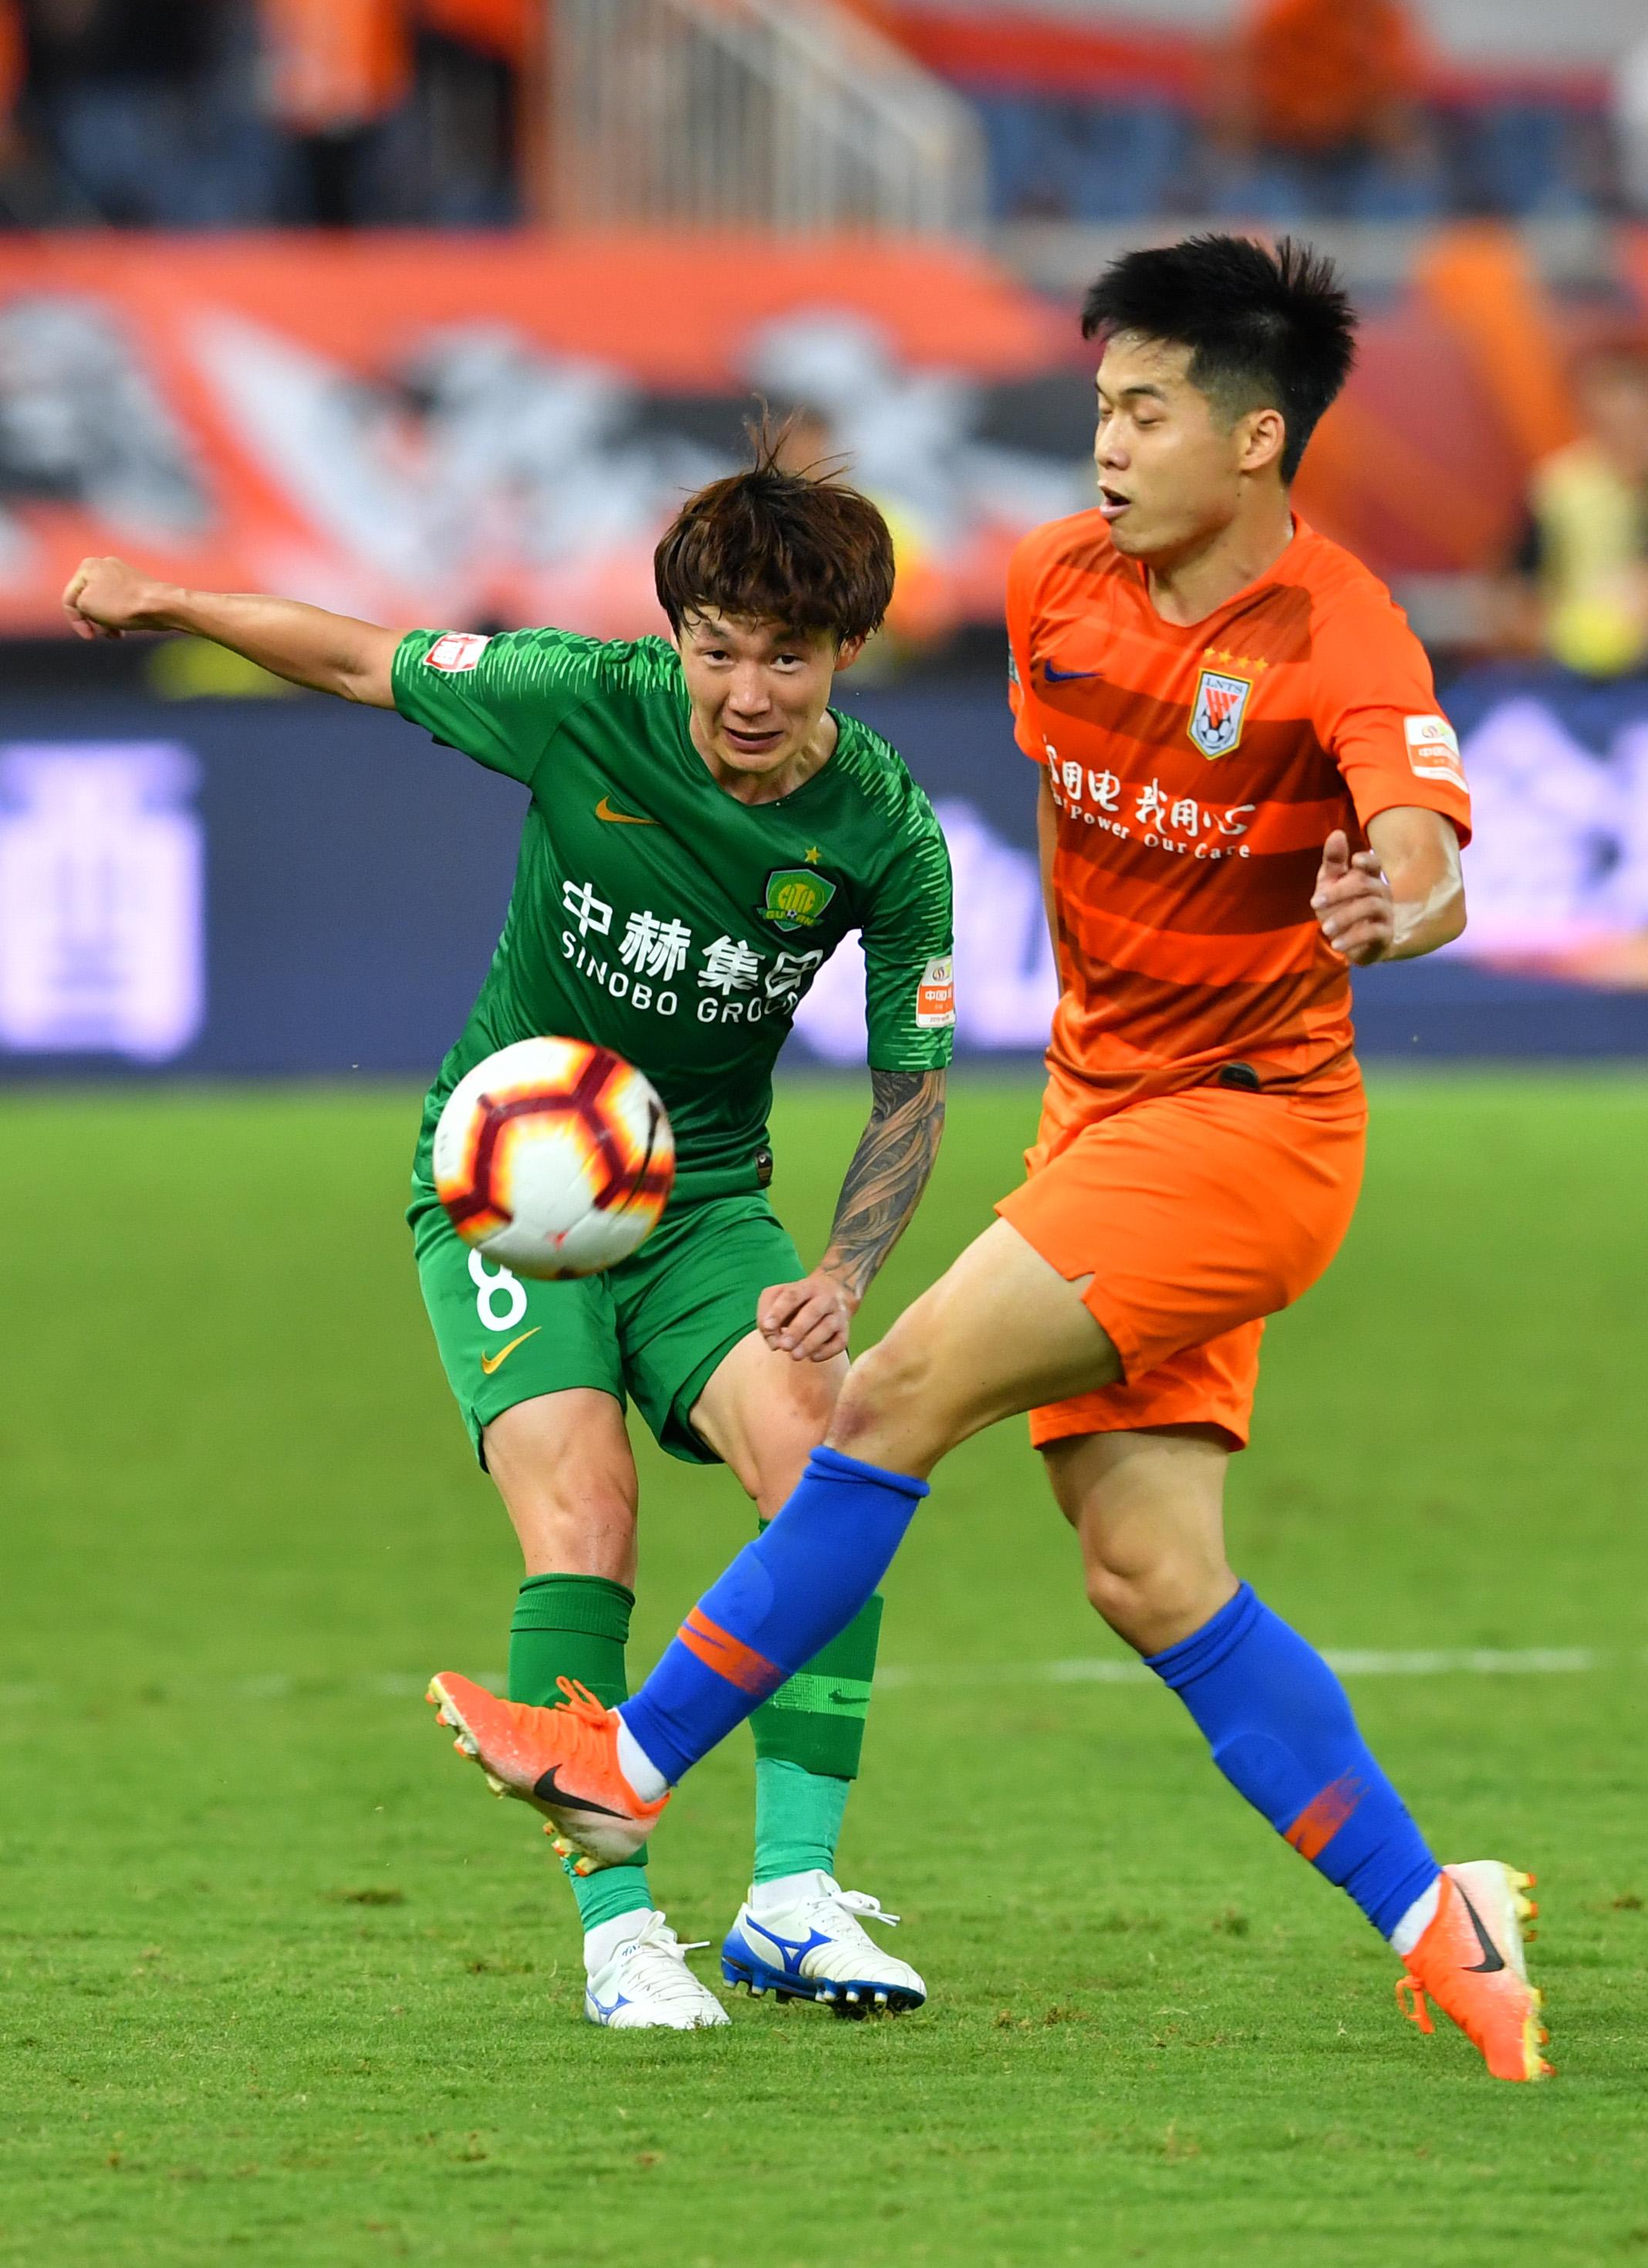 足球――中超:山东鲁能泰山胜北京中赫国安